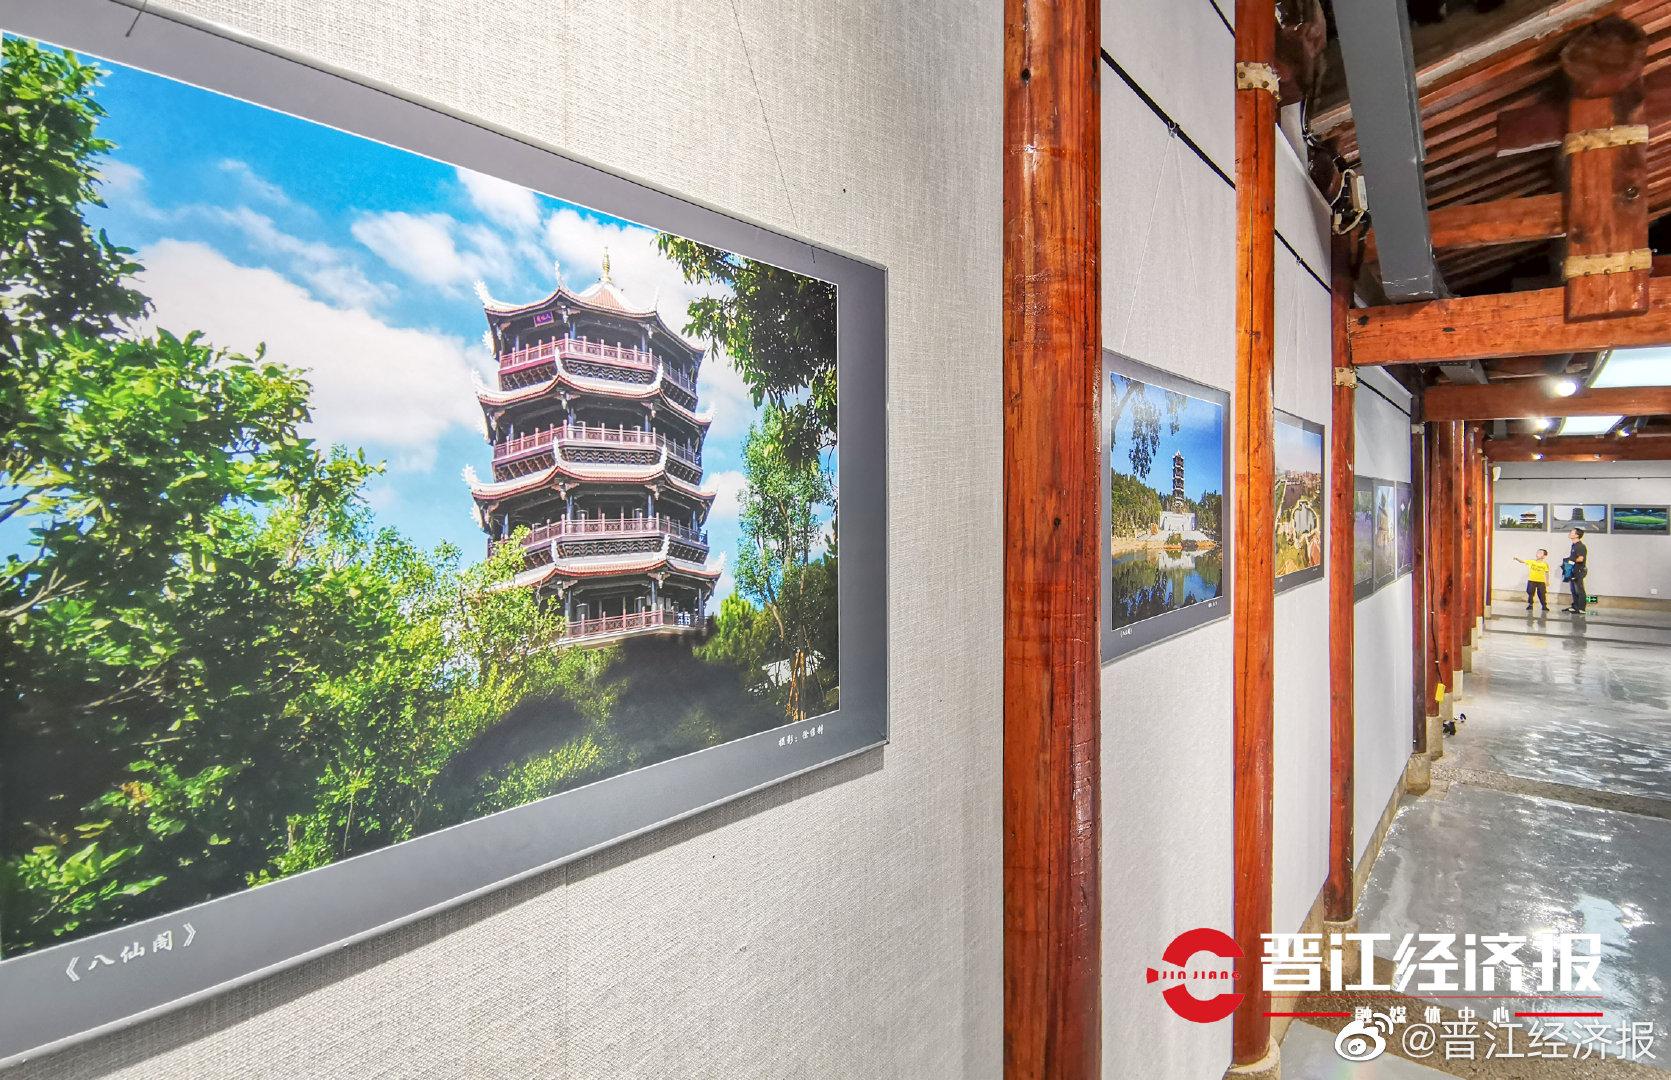 """打卡新热点!""""晋江城市新地标巡礼""""摄影展在五店市,持续至11月14日"""